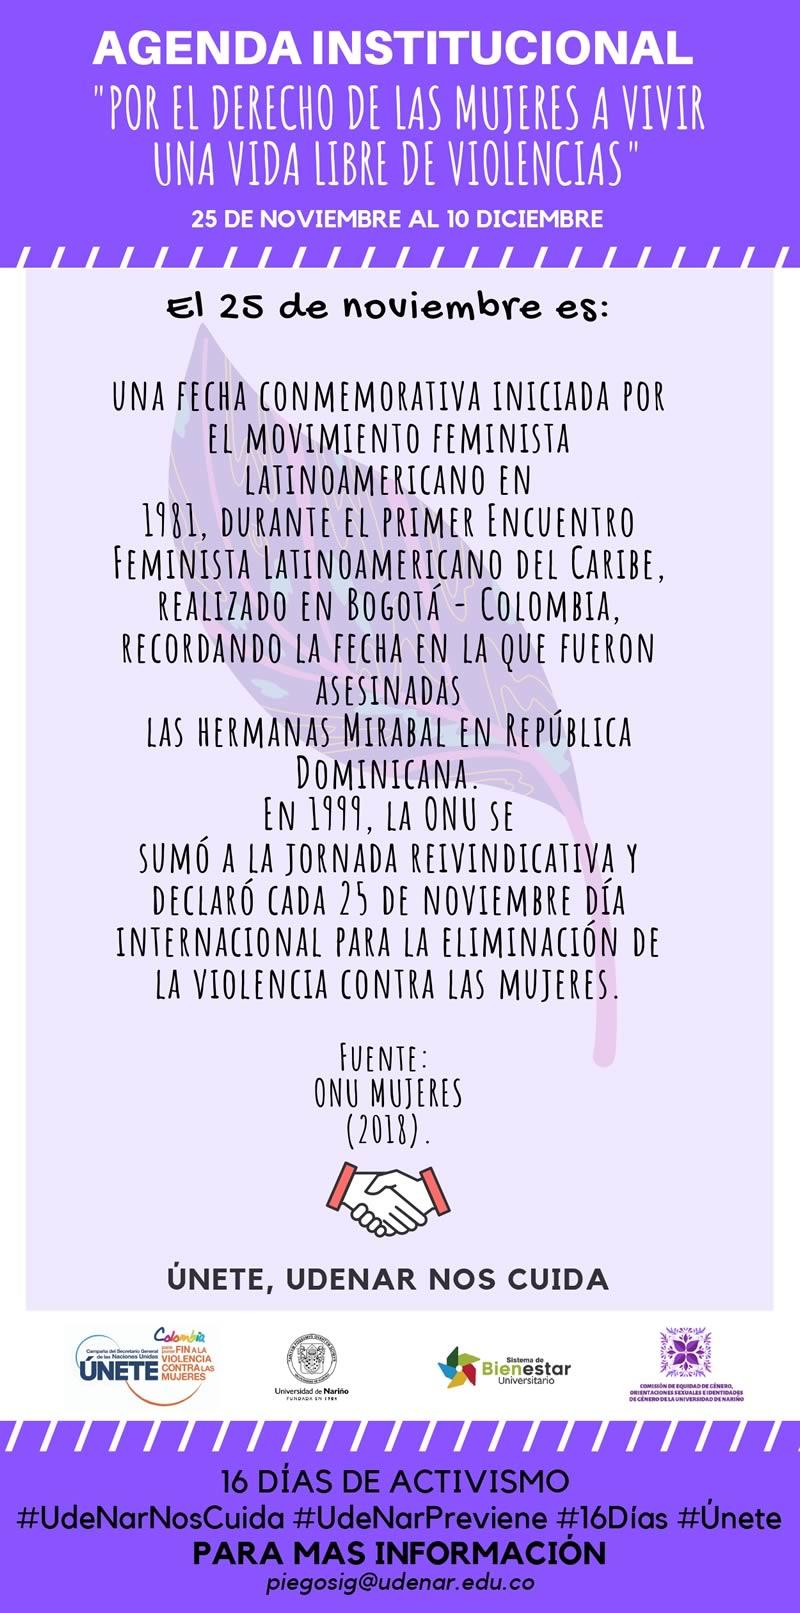 AGENDA el derecho de las mujeres-1